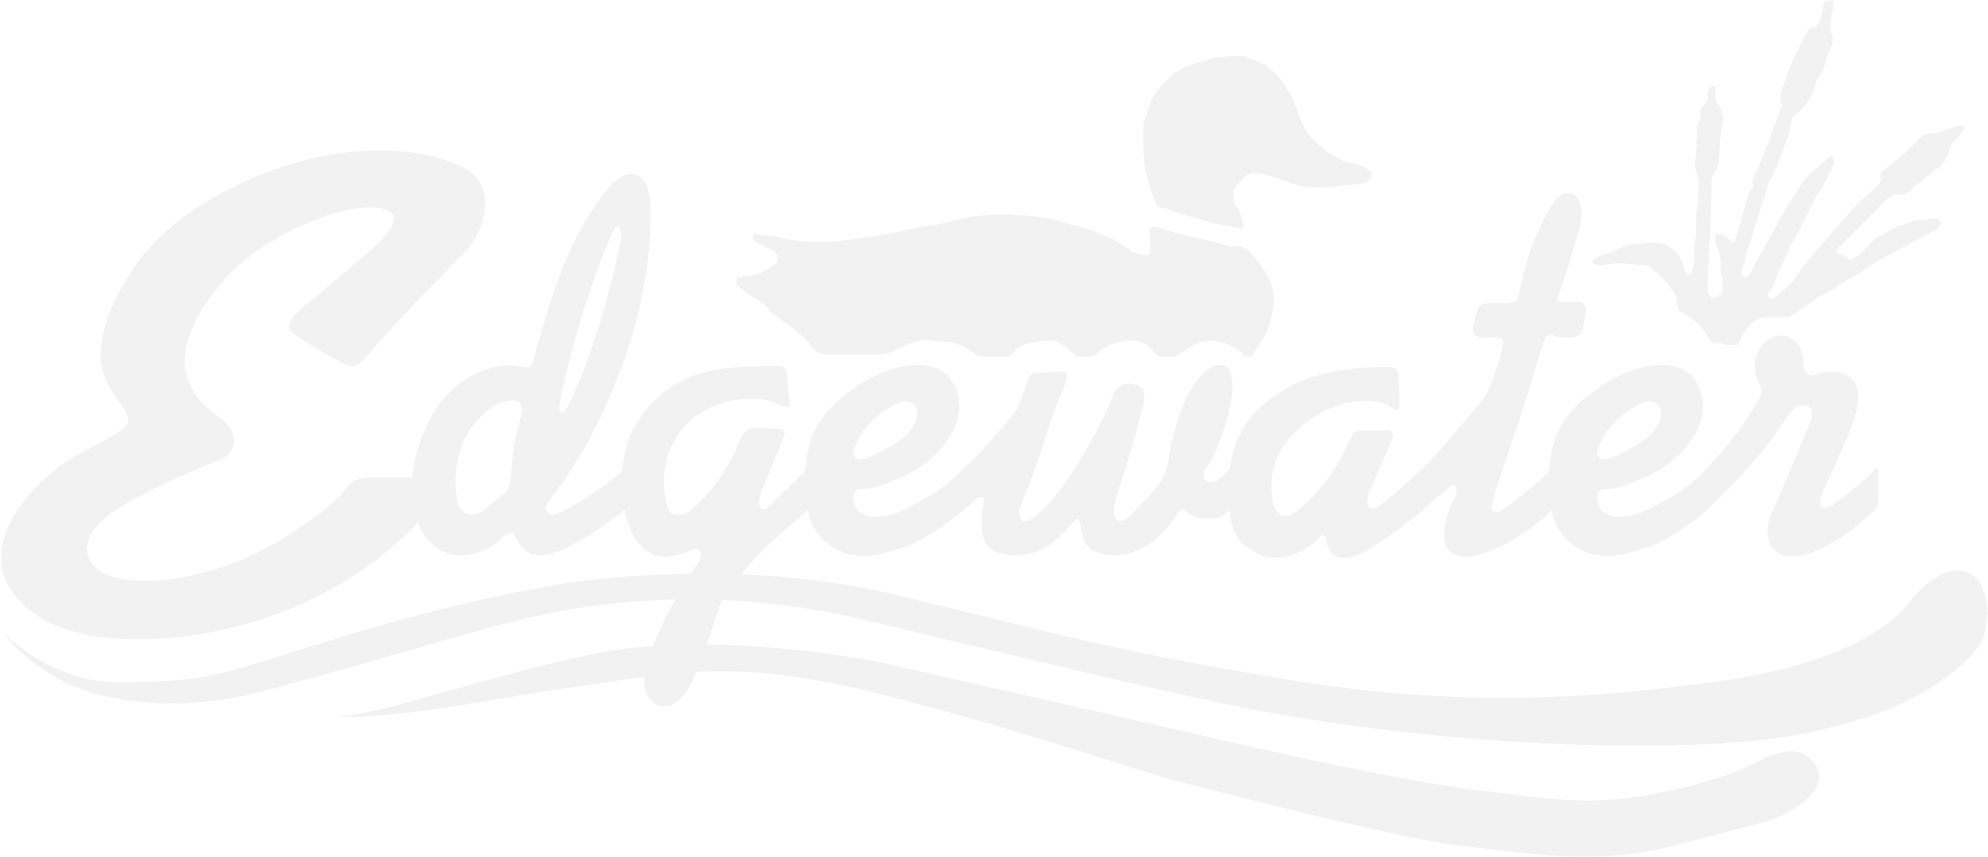 Edgewater Condominium Rentals Logo